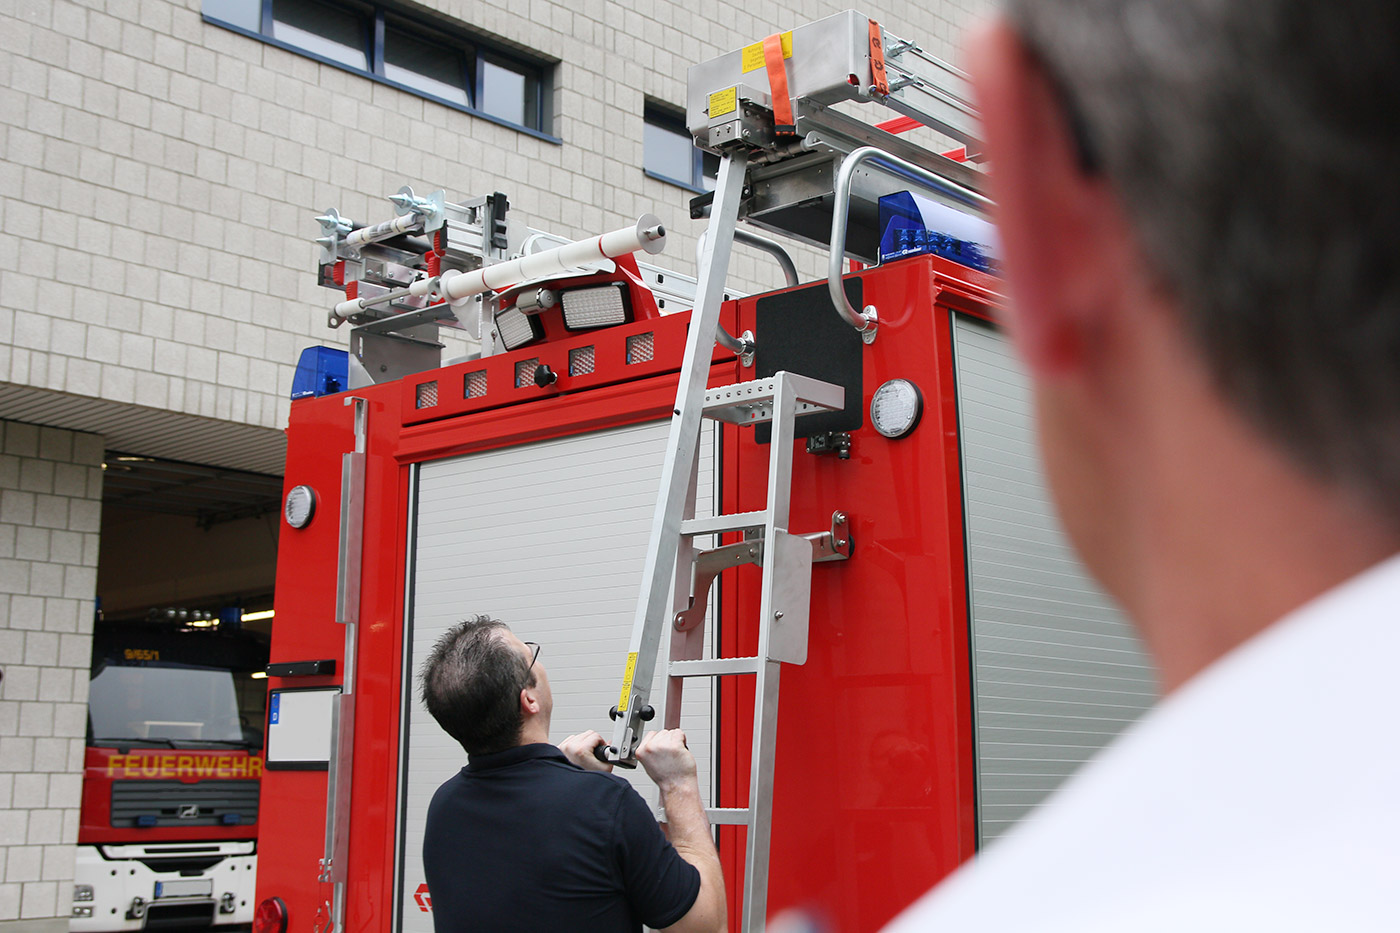 Sicherheitstechnische und medizinische Beratung für Freiwillige Feuerwehren